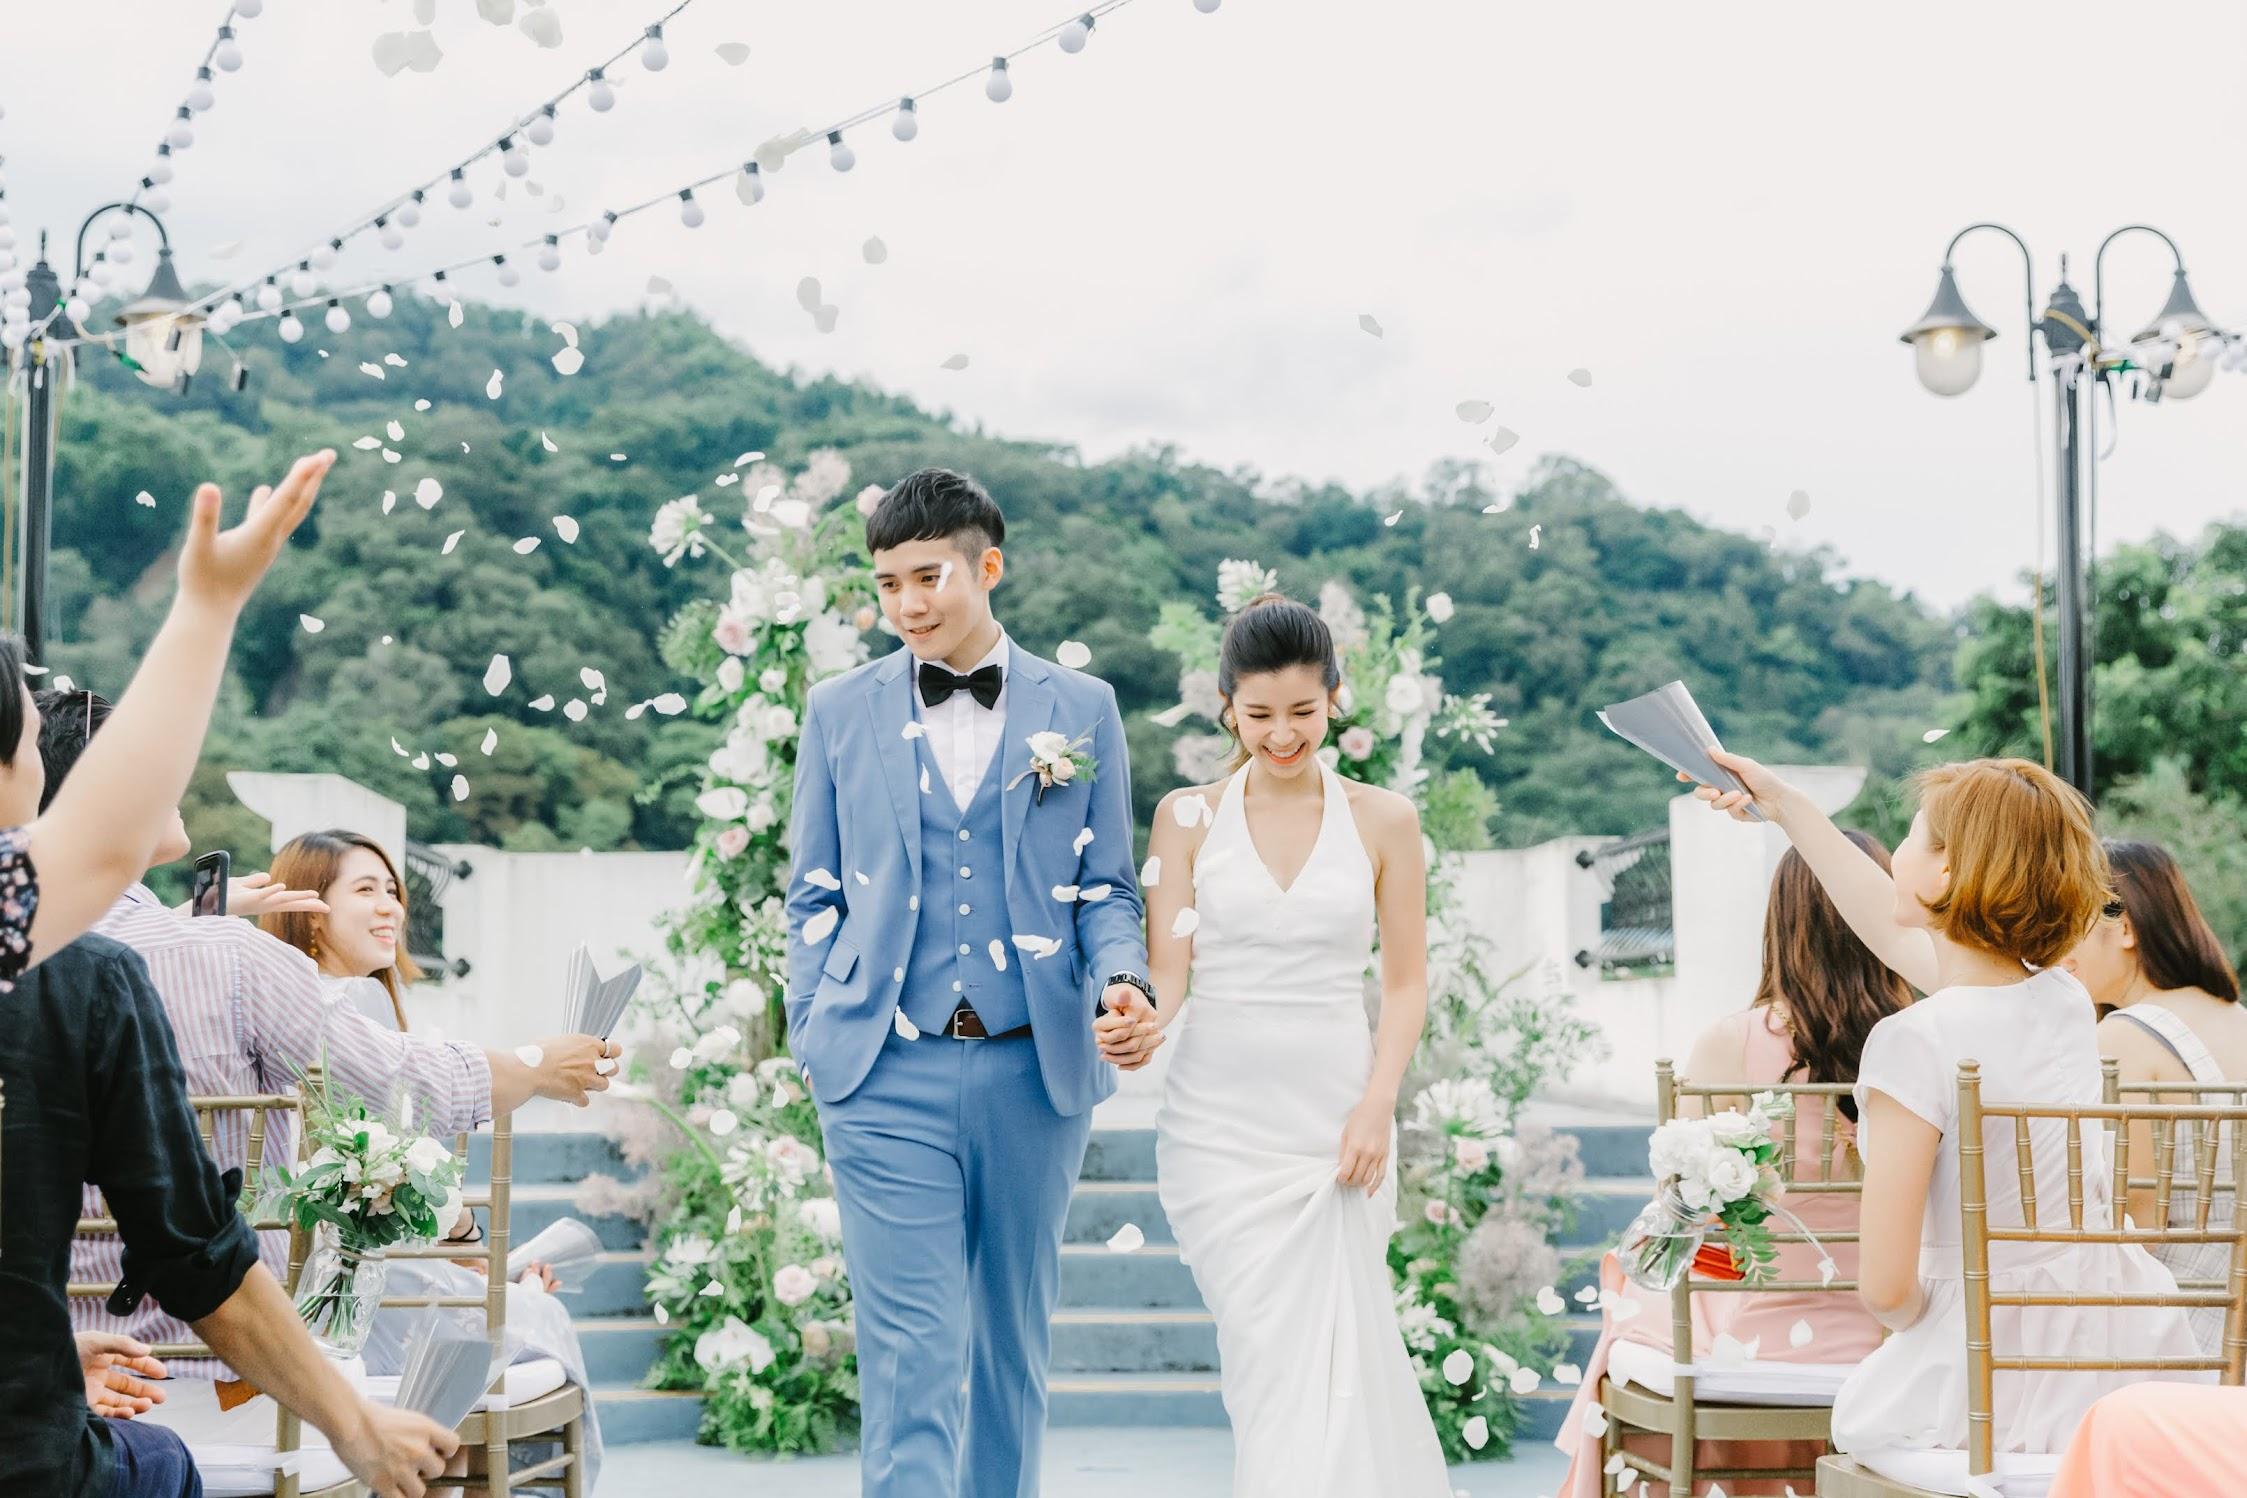 婚禮信物 和 婚禮佈置 和 喜帖 該在什麼時候拍攝?